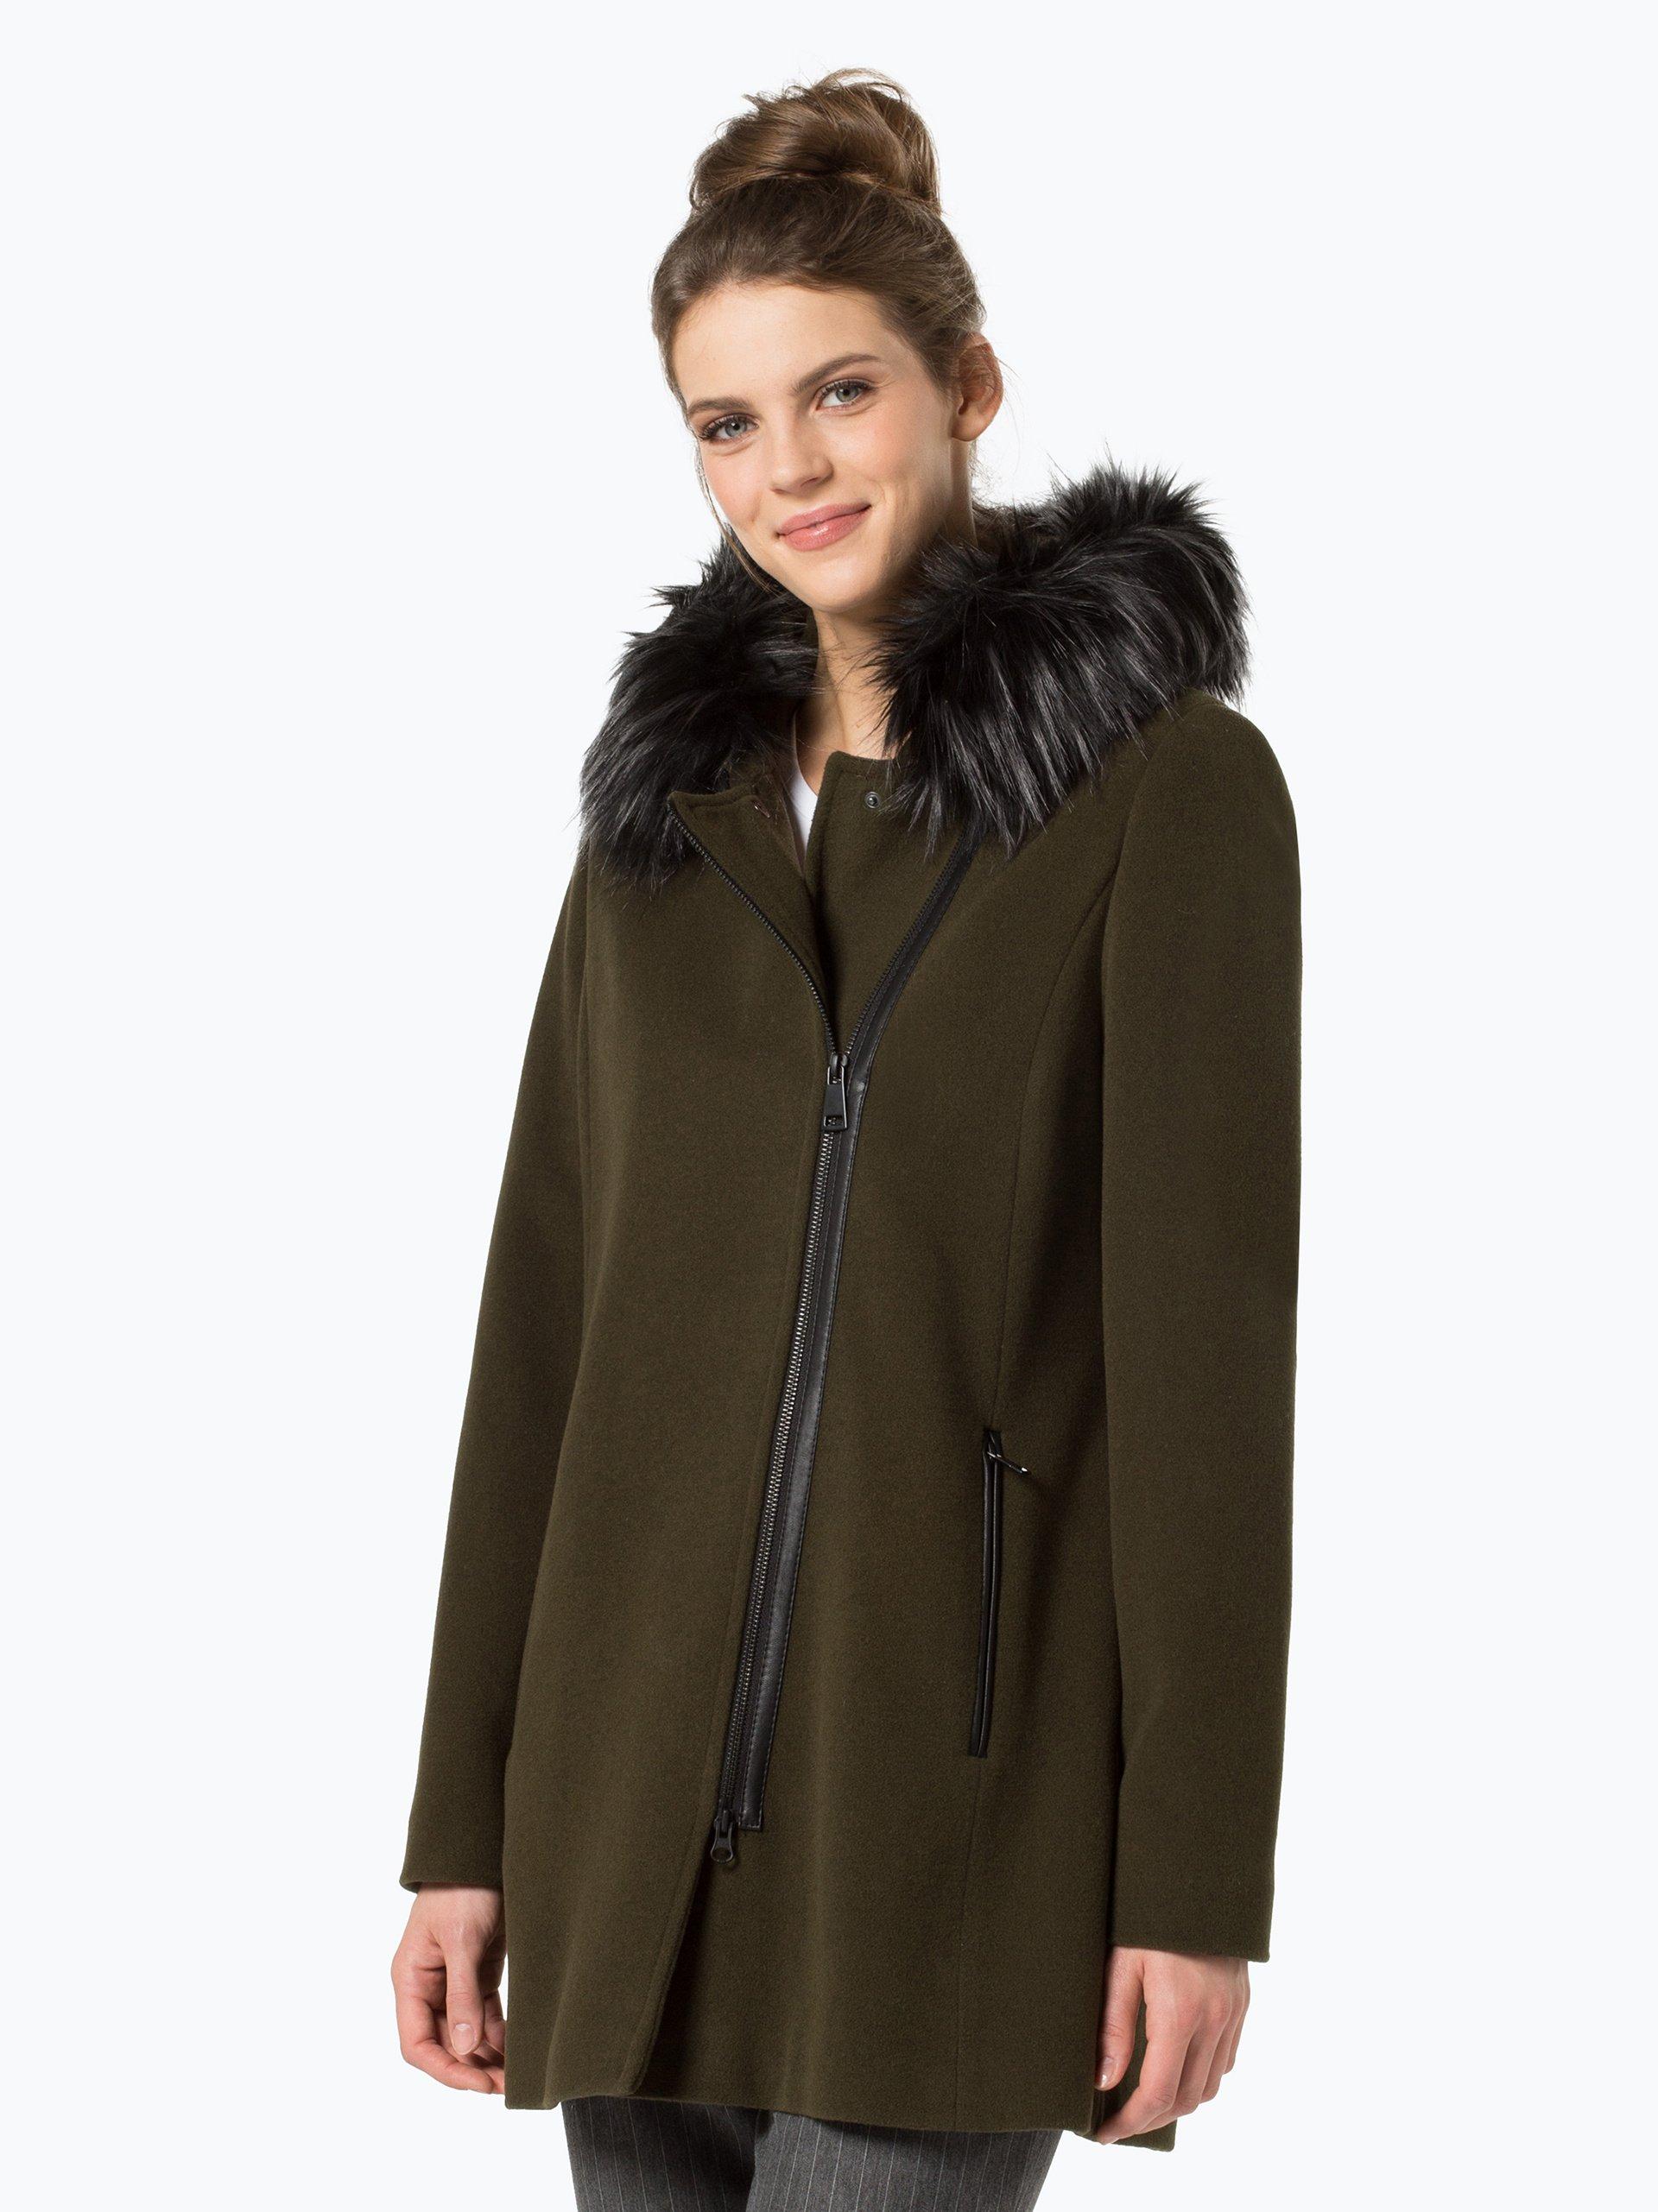 apriori damen mantel mit cashmere anteil 2 online kaufen peek und cloppenburg de. Black Bedroom Furniture Sets. Home Design Ideas